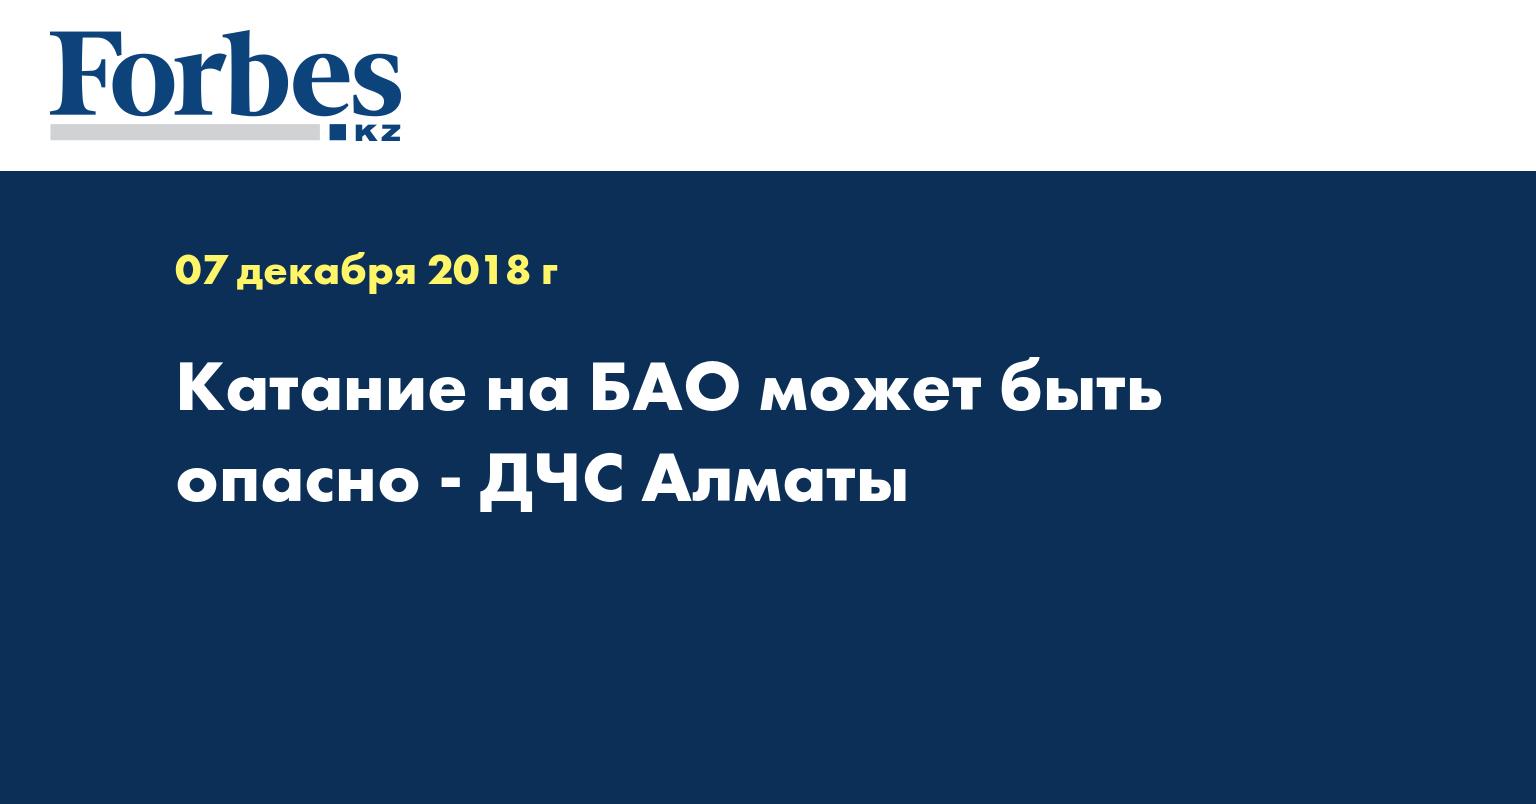 Катание на БАО может быть опасно - ДЧС Алматы